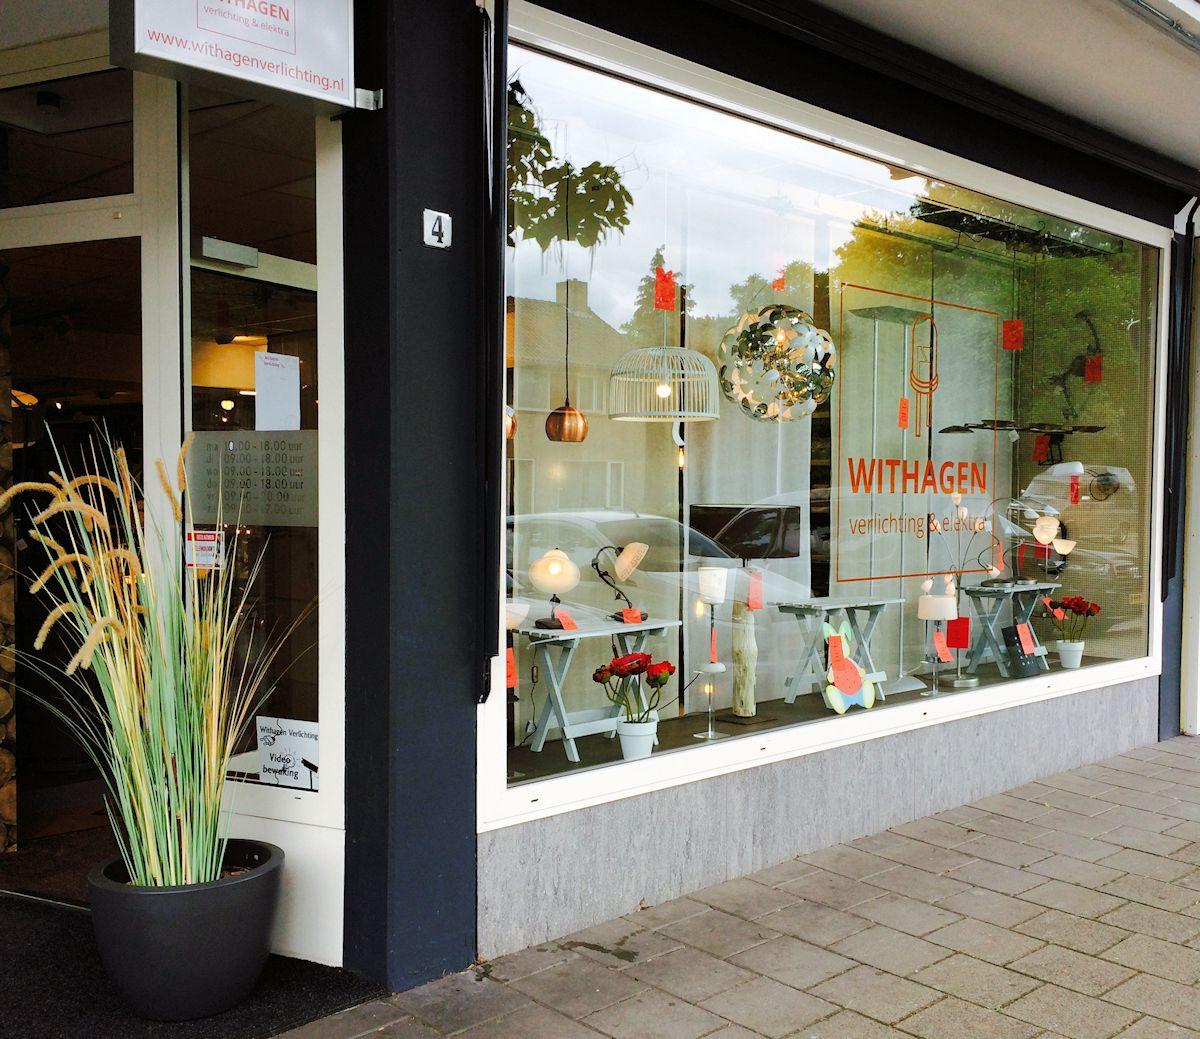 De weblog van Helmond » Withagen in de Lucas Galerij viert 2 jubilea